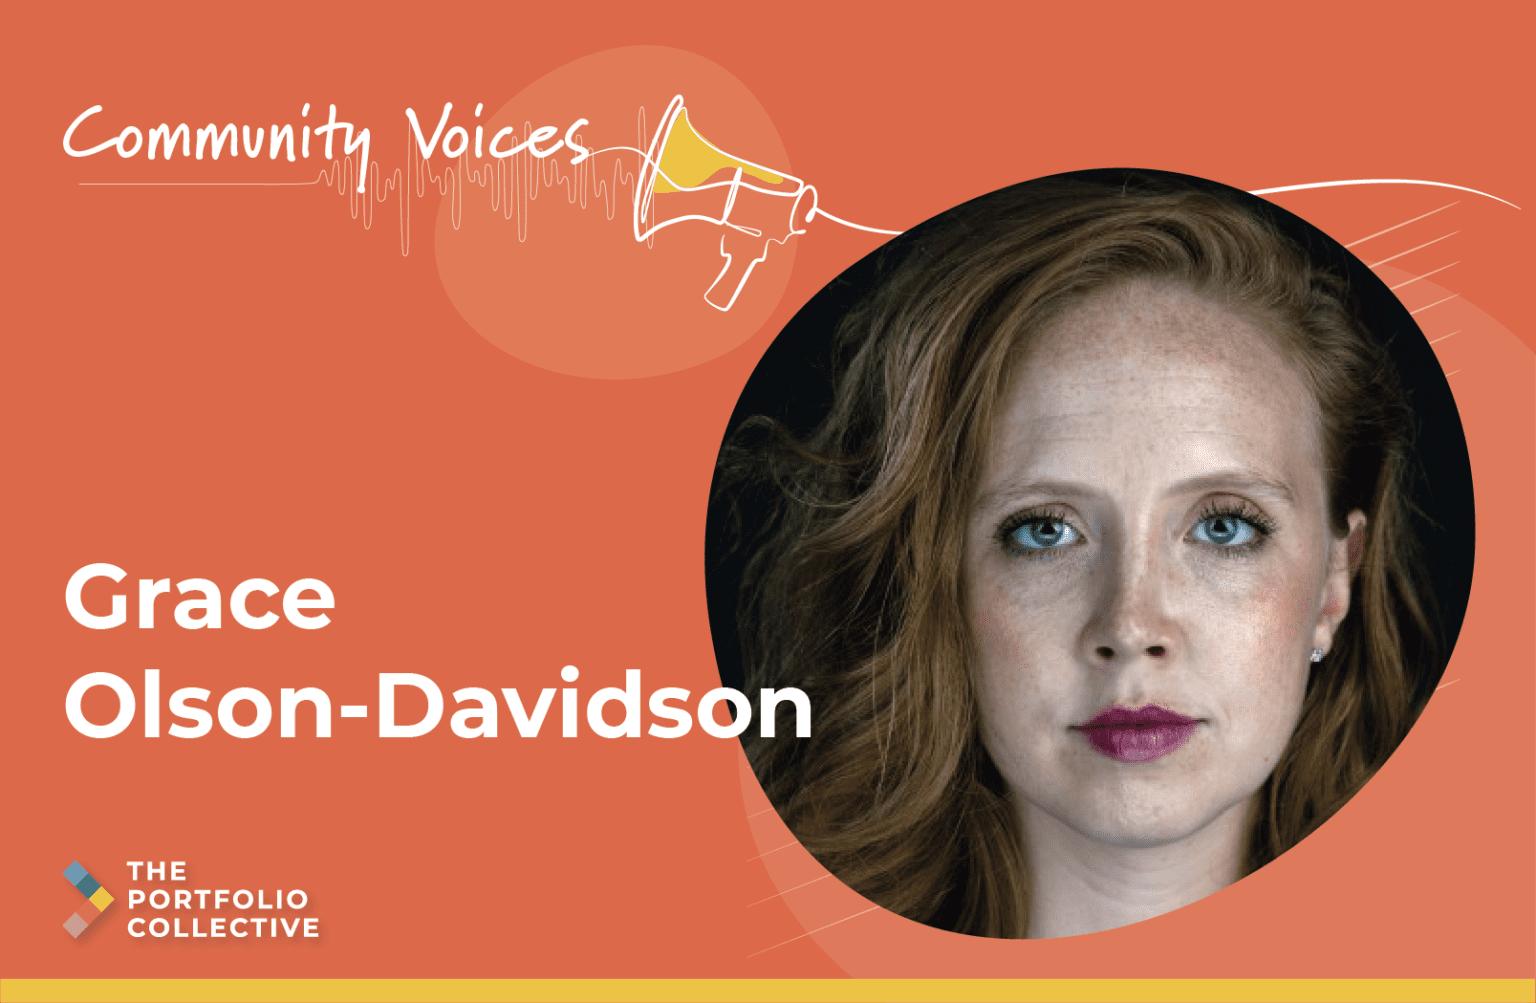 Grace Olson Davidson story